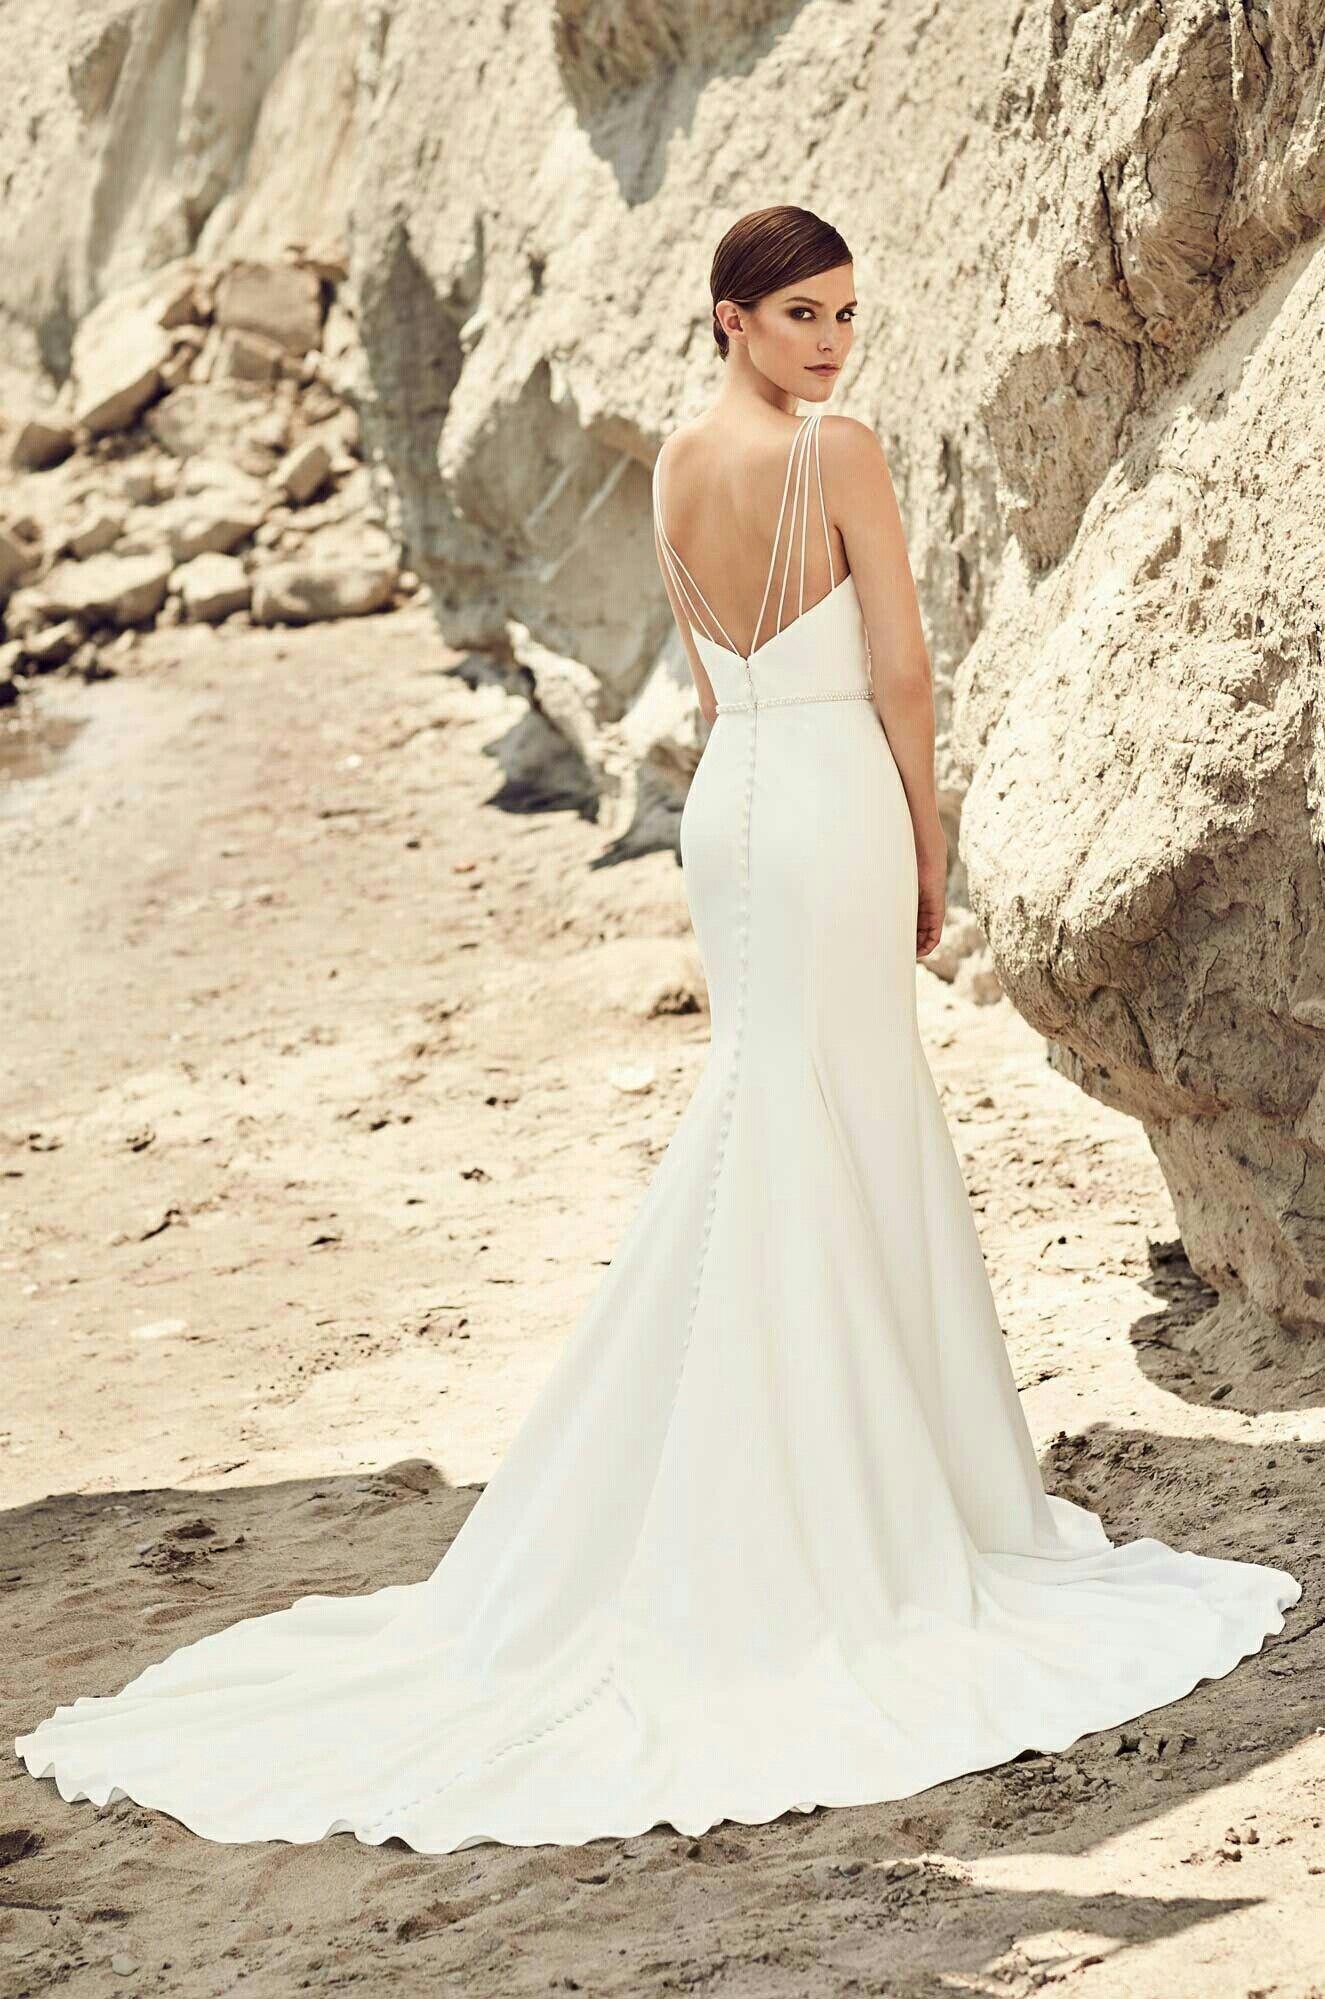 modèle élégant de robe de mariée fourreau avec longue traîne et un décolleté dos à bretelles fines multiples